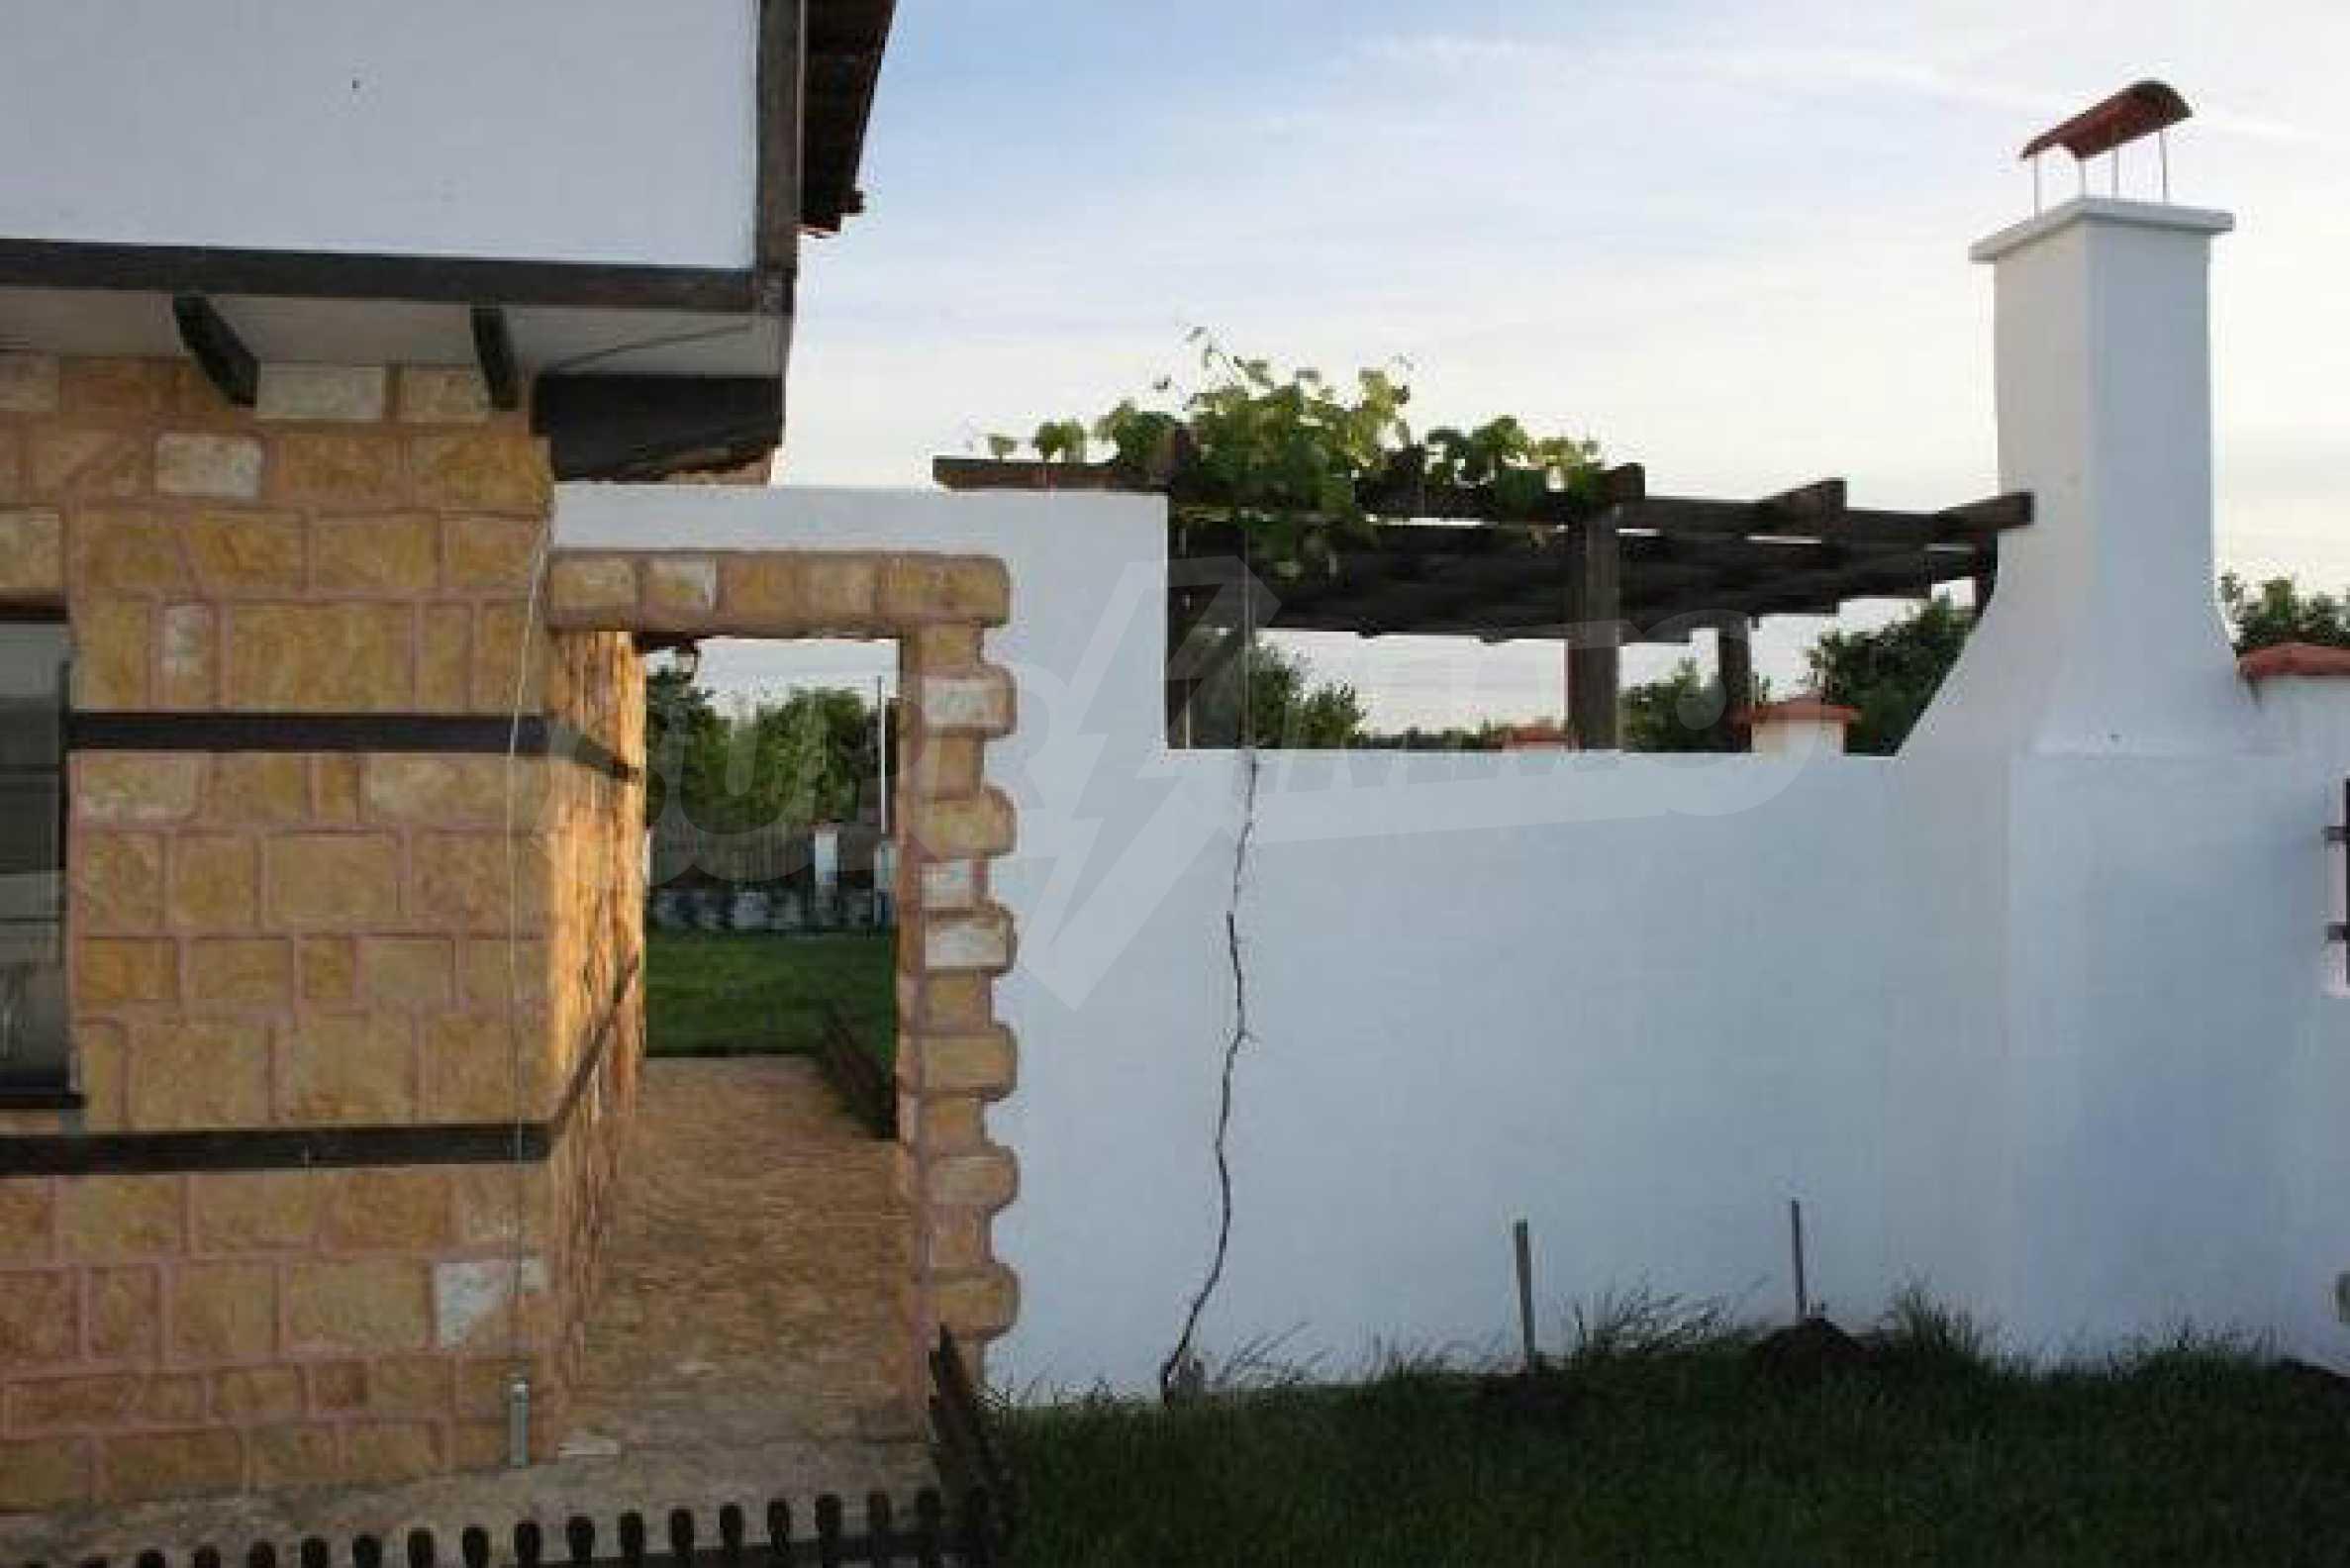 Neues zweistöckiges Haus 8 km von Baltschik entfernt 24